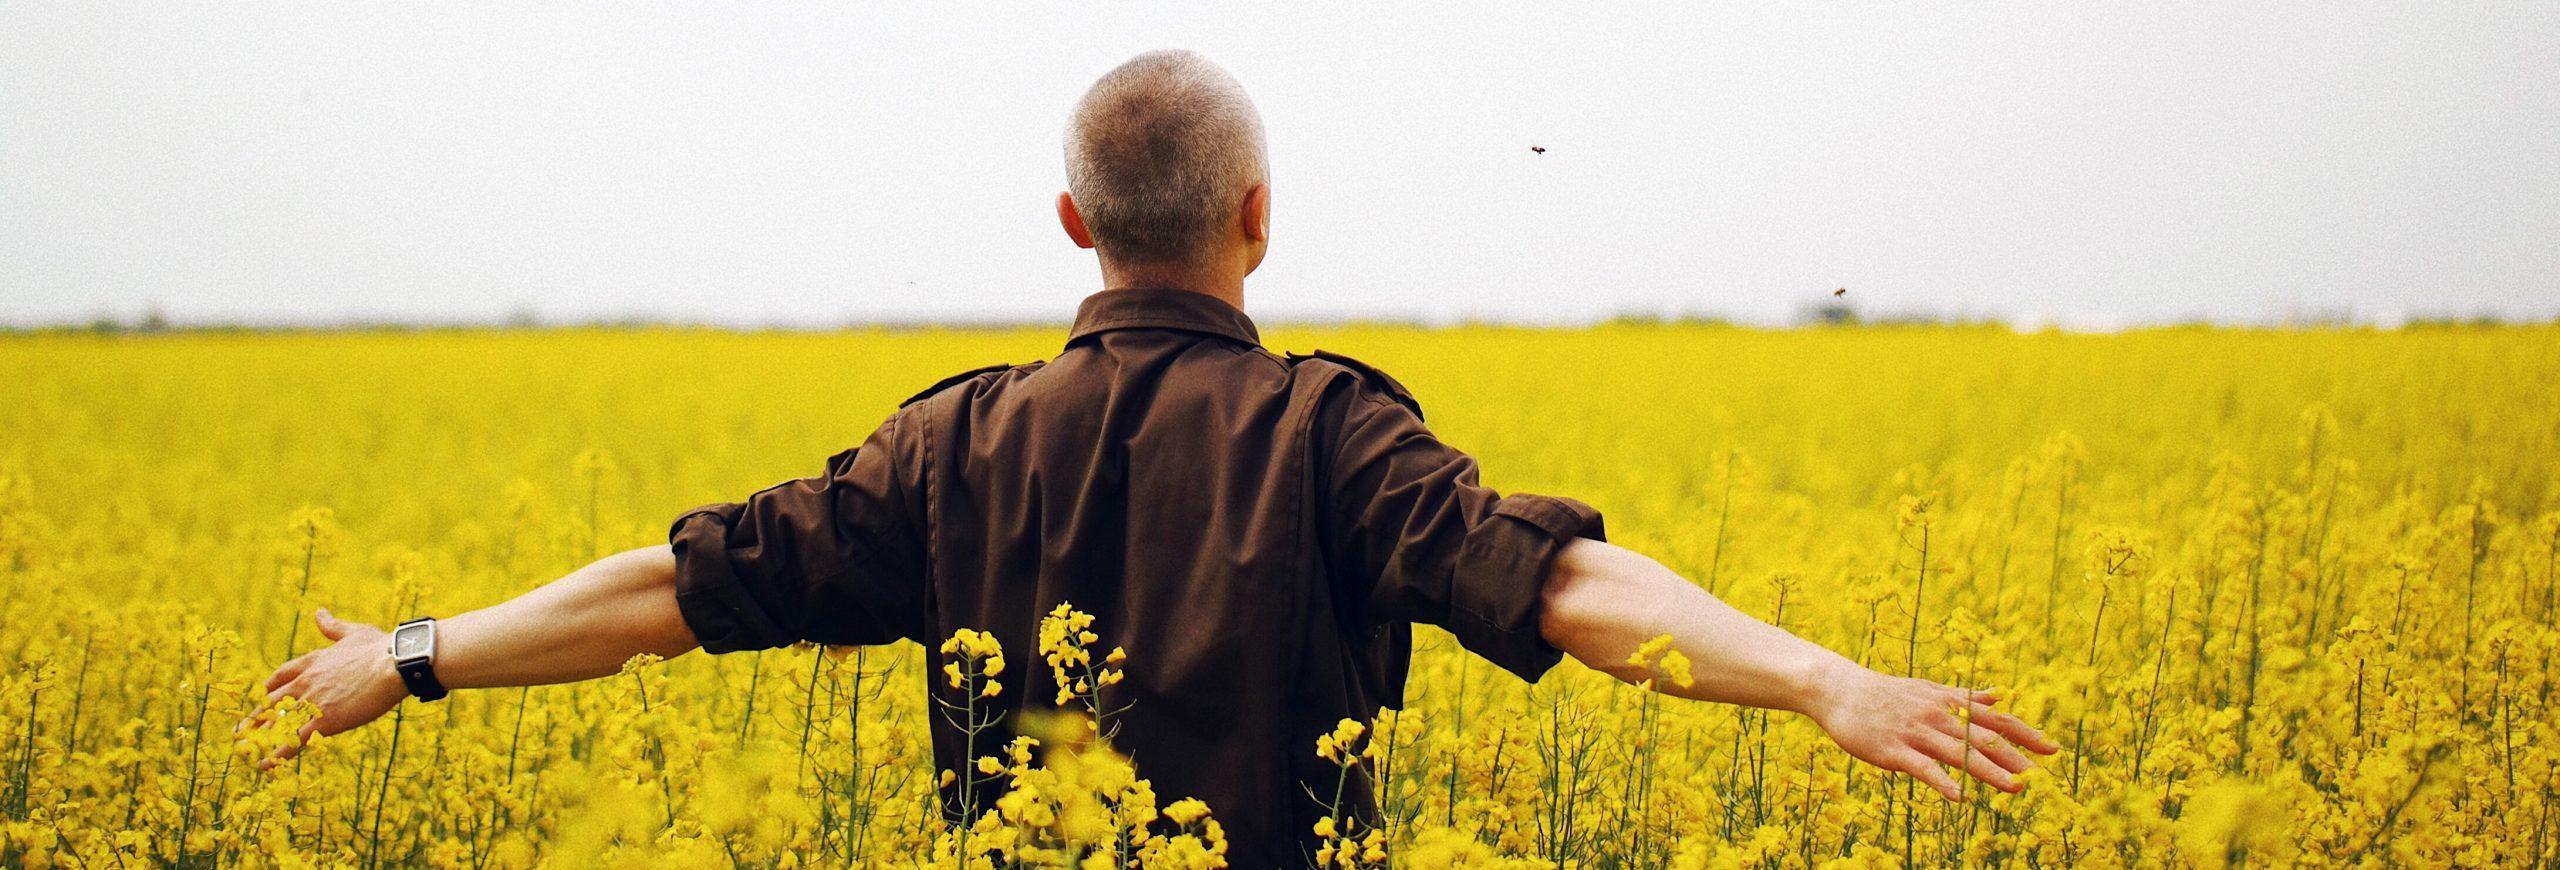 Un homme de dos, les bras tendus sur le côté, caresse les fleurs de colza à sa hauteur